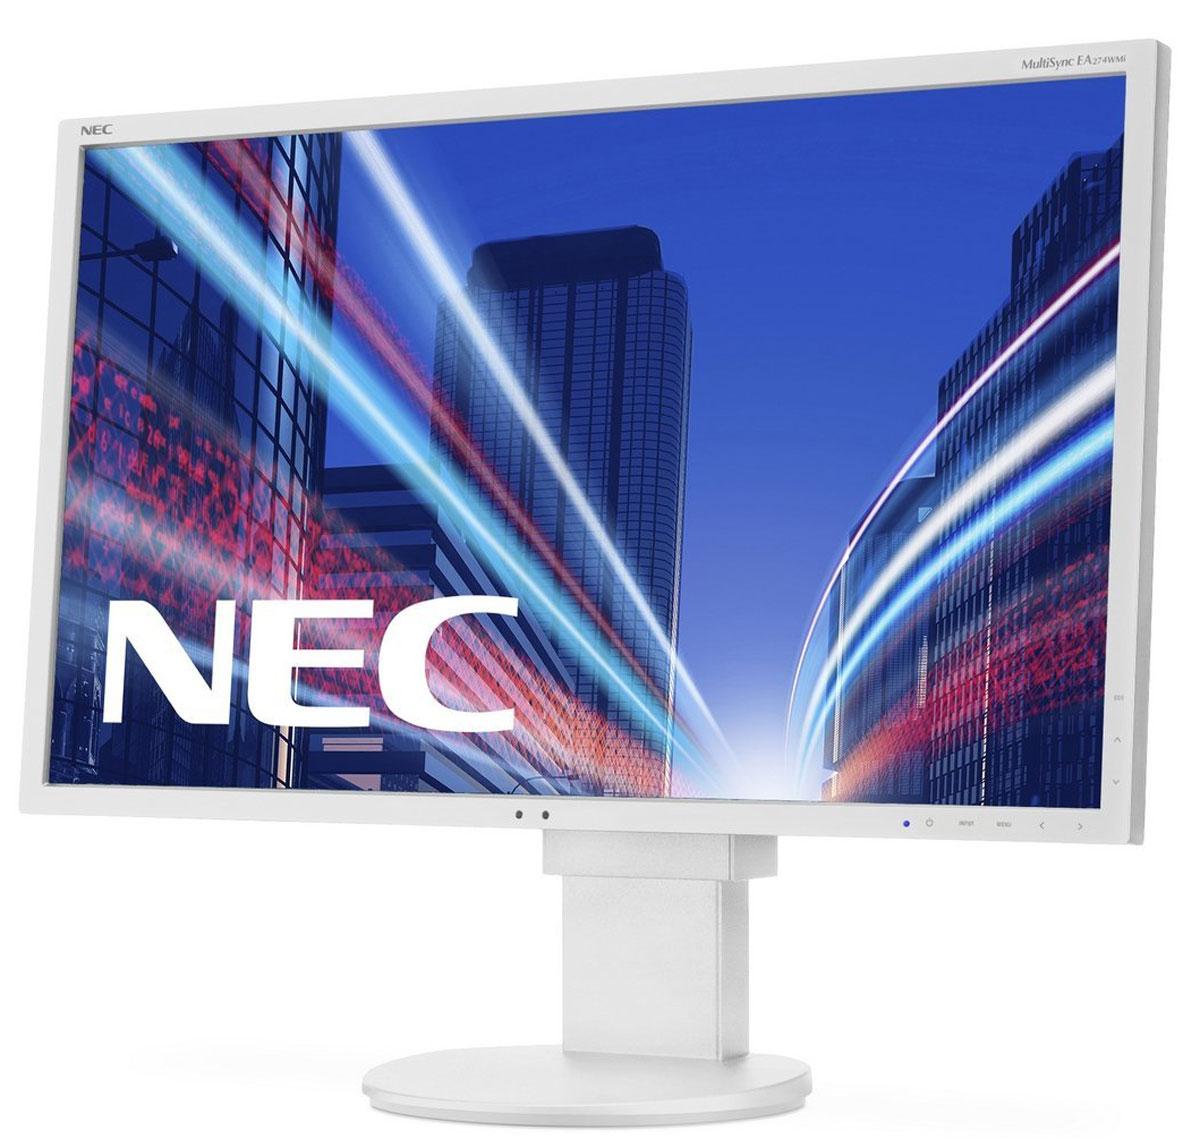 NEC E203Wi, White мониторE203WiNEC E203Wi - это экономичный 20 монитор формата 16:9. Он располагает светодиодной фоновой подсветкой, возможностью подключения через DisplayPort, а также возможностью полной регулировки. Благодаря низкому энергопотреблению и низким эксплуатационным расходам этот дисплей является идеальным решением для эксплуатации в профессиональных офисных условиях. Отличные эргономические характеристики, а также интеллектуальные свойства, например, датчик рассеянного света, обеспечивают удобство в обращении и позволяют повысить производительность. Идеальное решение для стандартной эксплуатации в офисах крупного и среднего бизнеса с учетом экологического фактора!